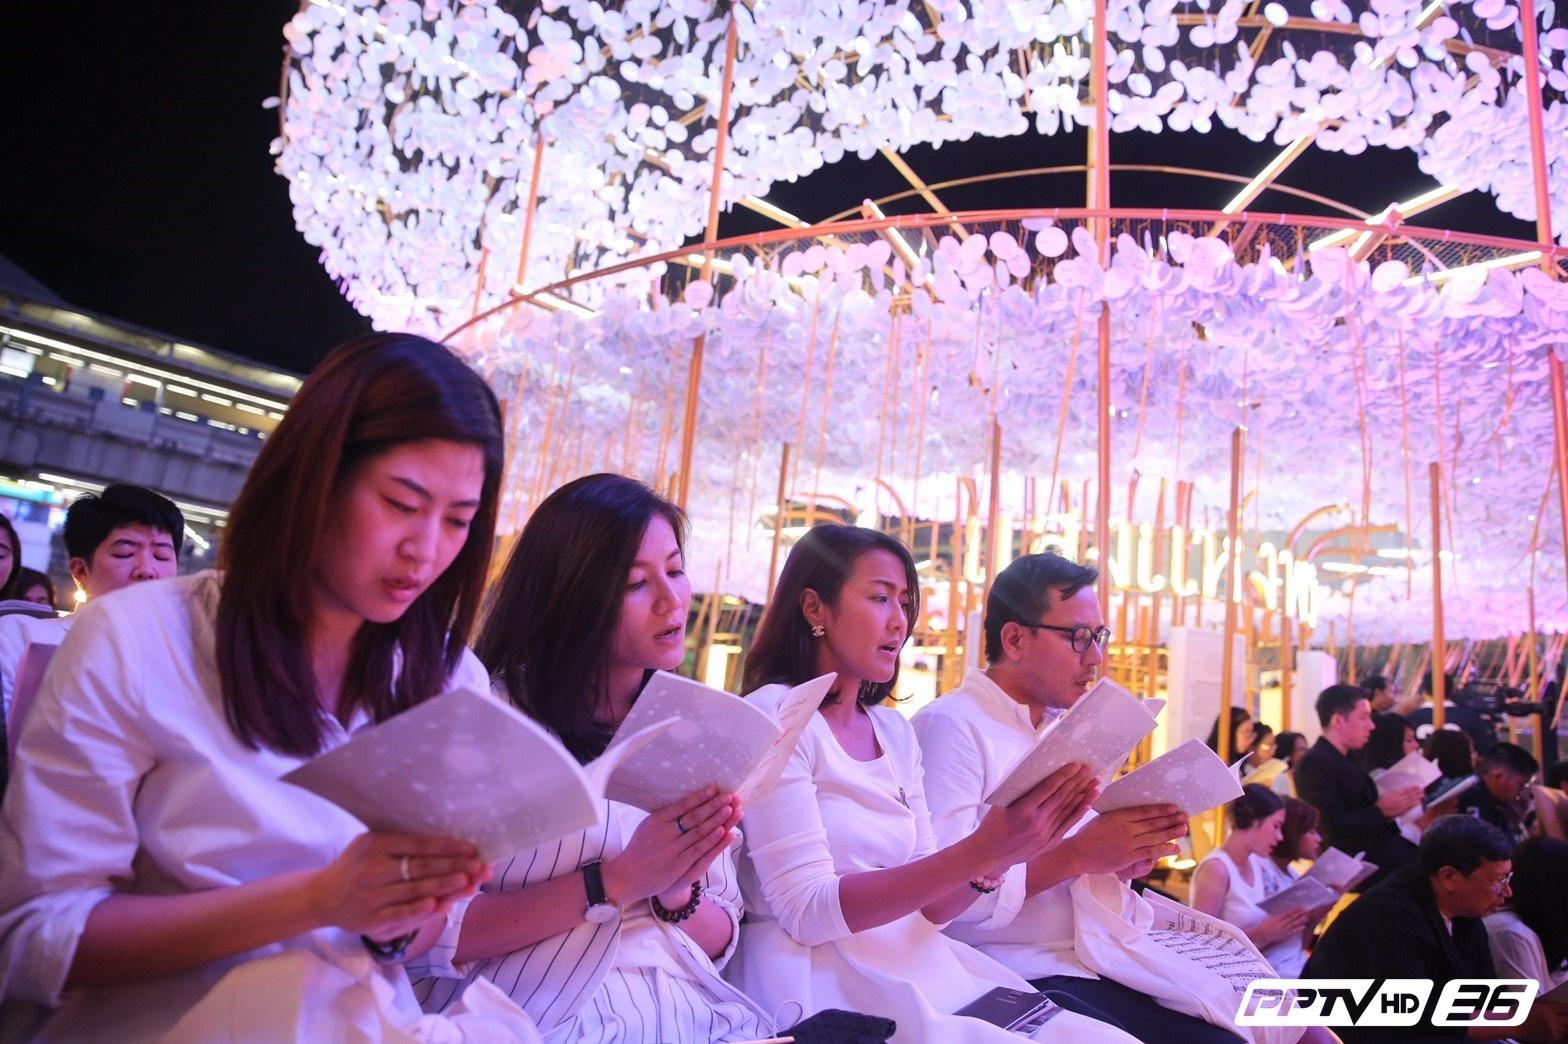 """ตระการตา """"สยามพารากอน"""" จัดงานสวดมนต์ข้ามปี : ส่งท้ายปีเก่าวิถีไทย ต้อนรับปีใหม่วิถีพุทธ  (คลิป)"""